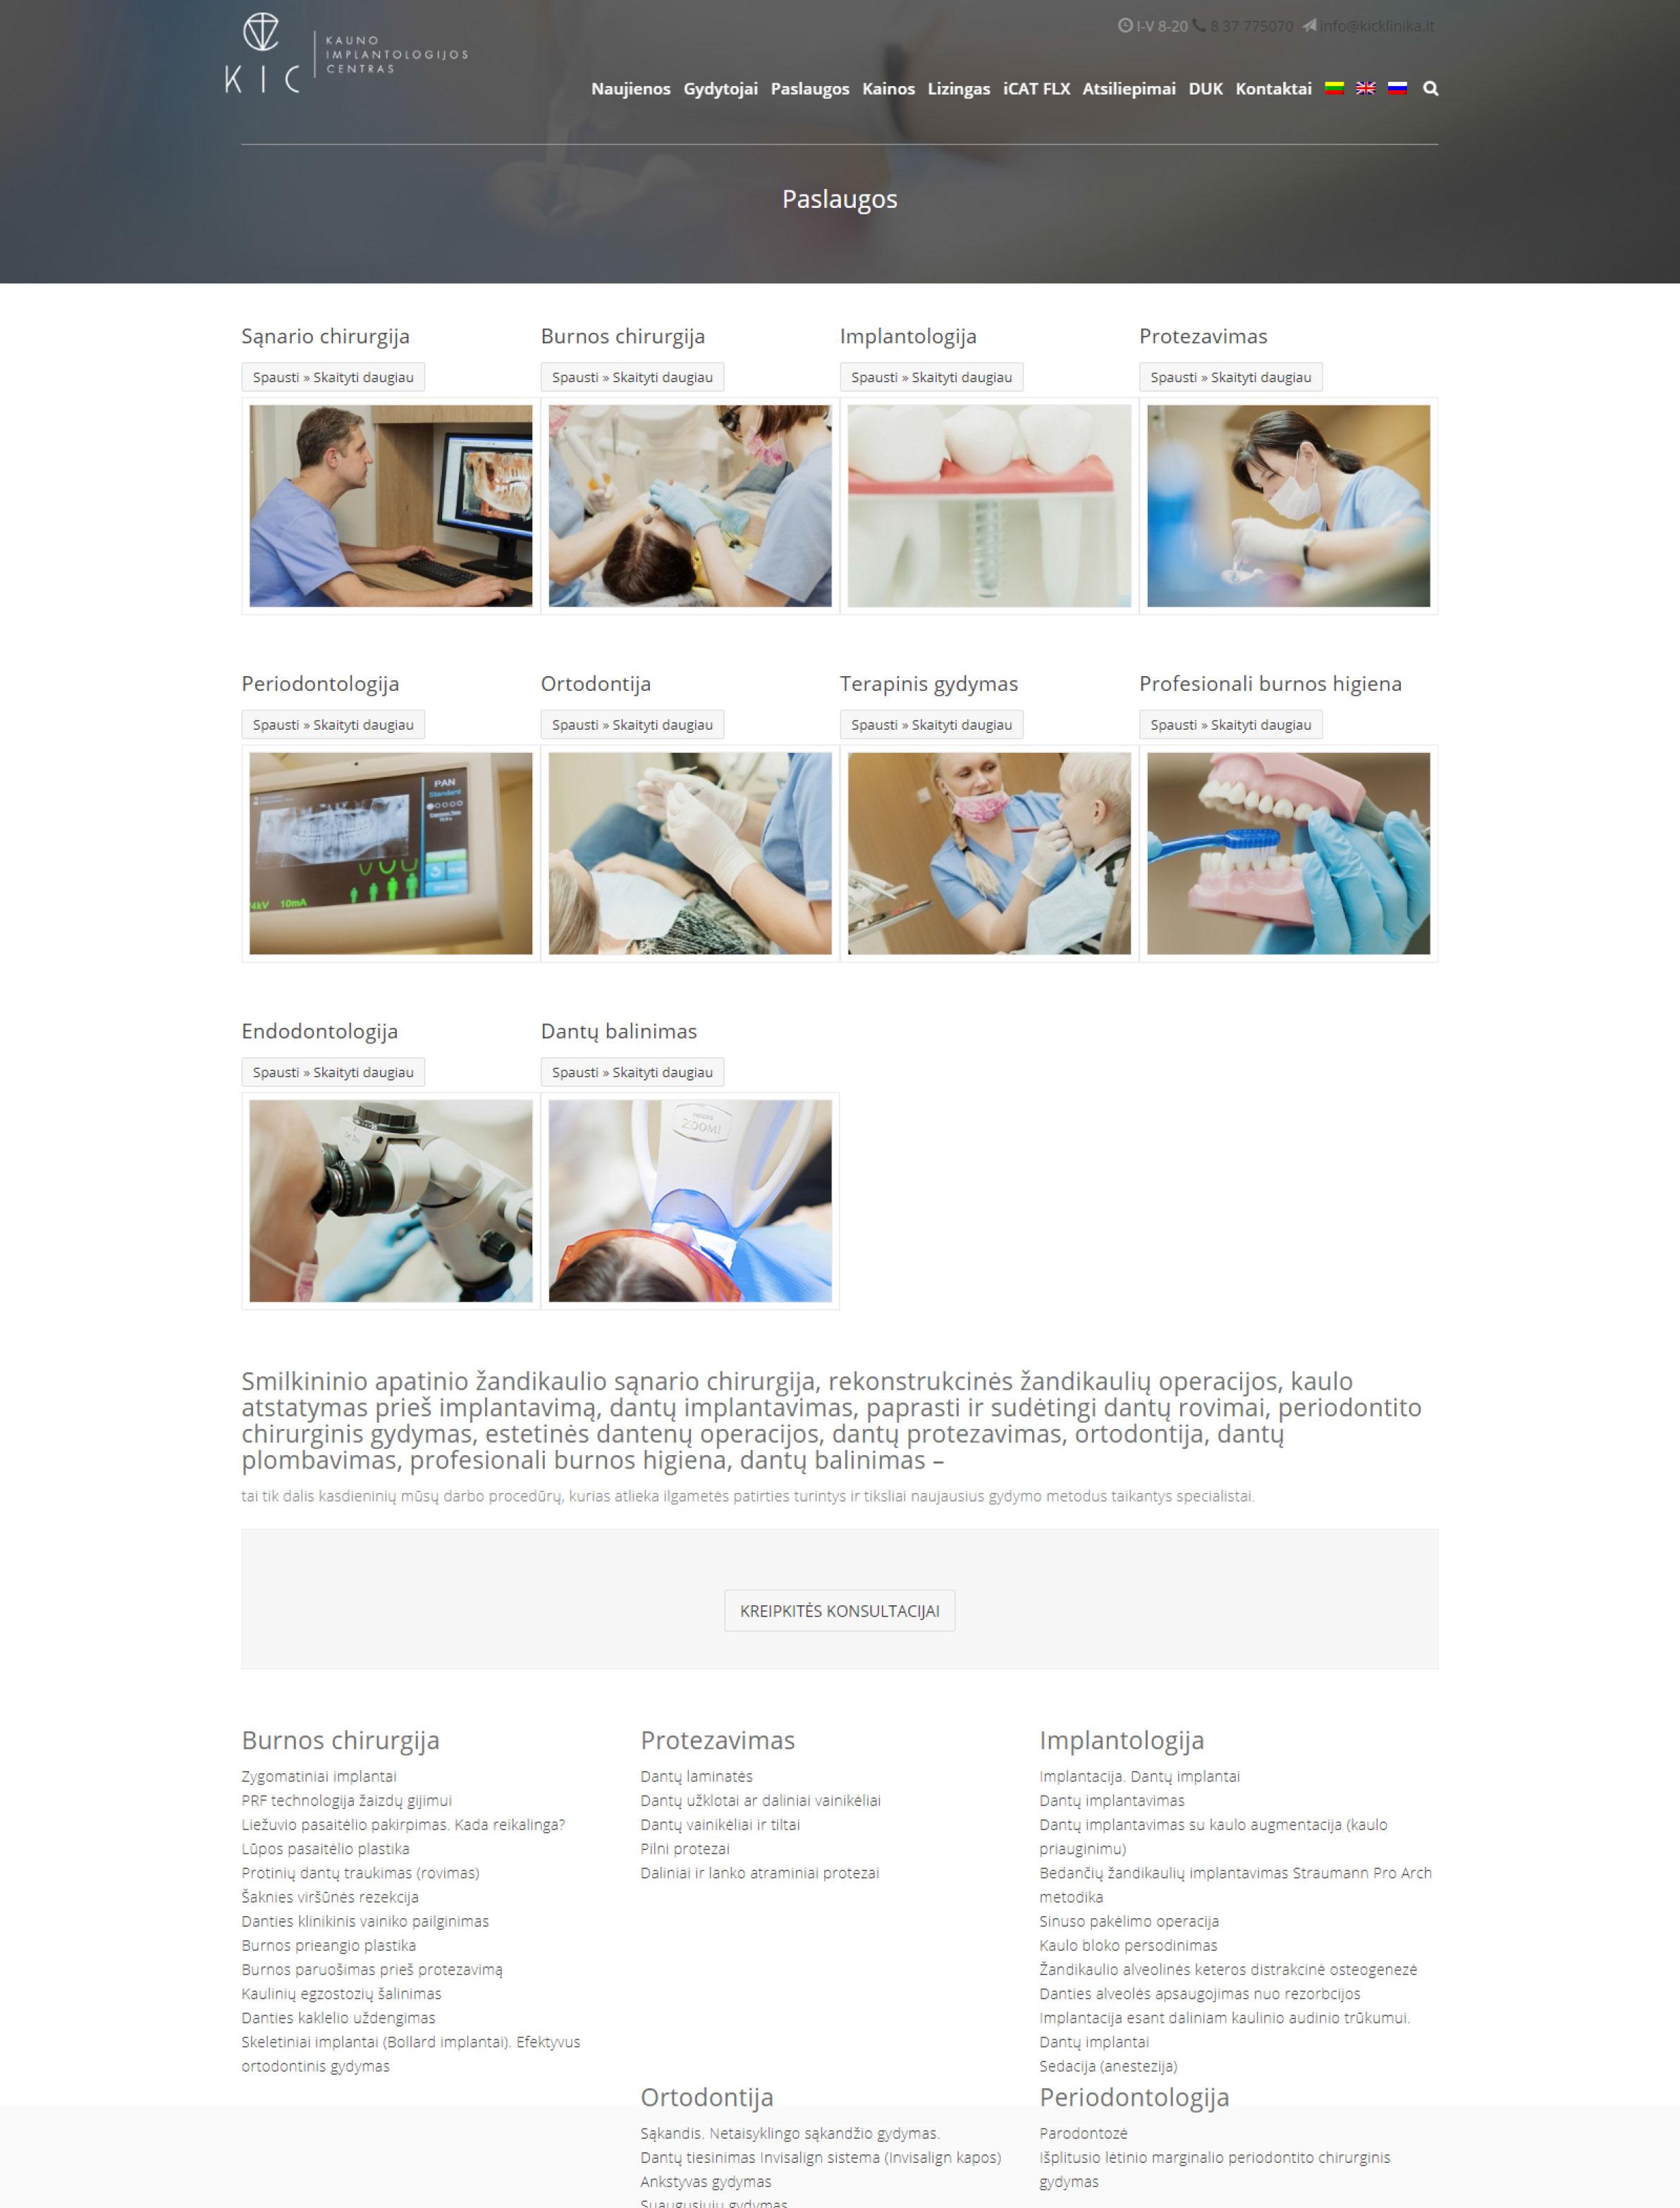 screencapture-kicklinika-lt-paslaugos-dantu-implantai-protezavimas-2019-03-31-13_12_38-1